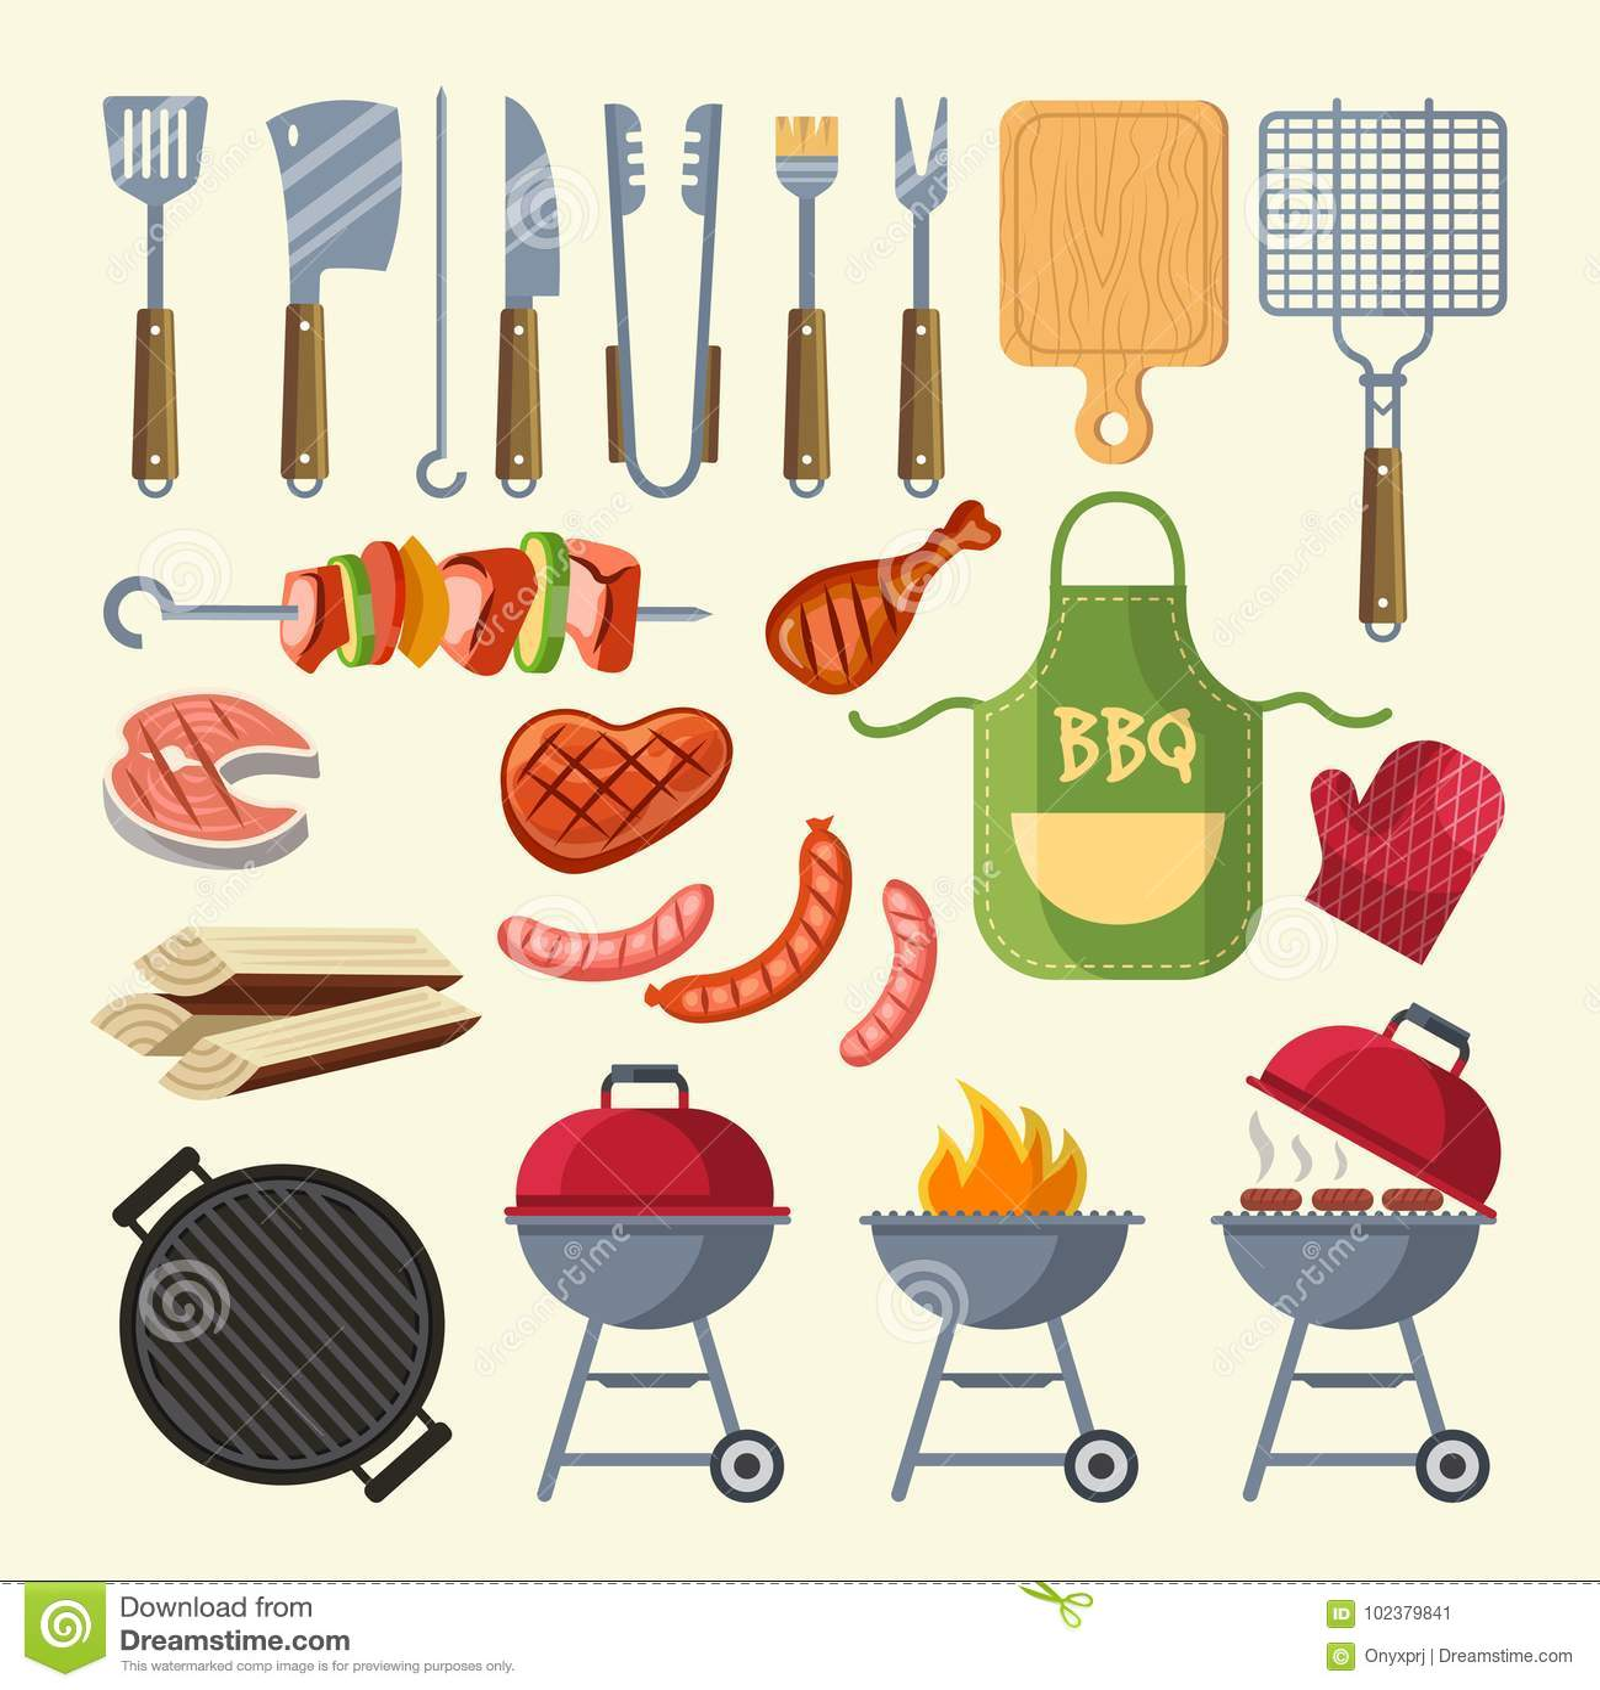 Vectorbeeldverhaalillustratie van vlees, saus, grill en andere elementen voor bbq partij